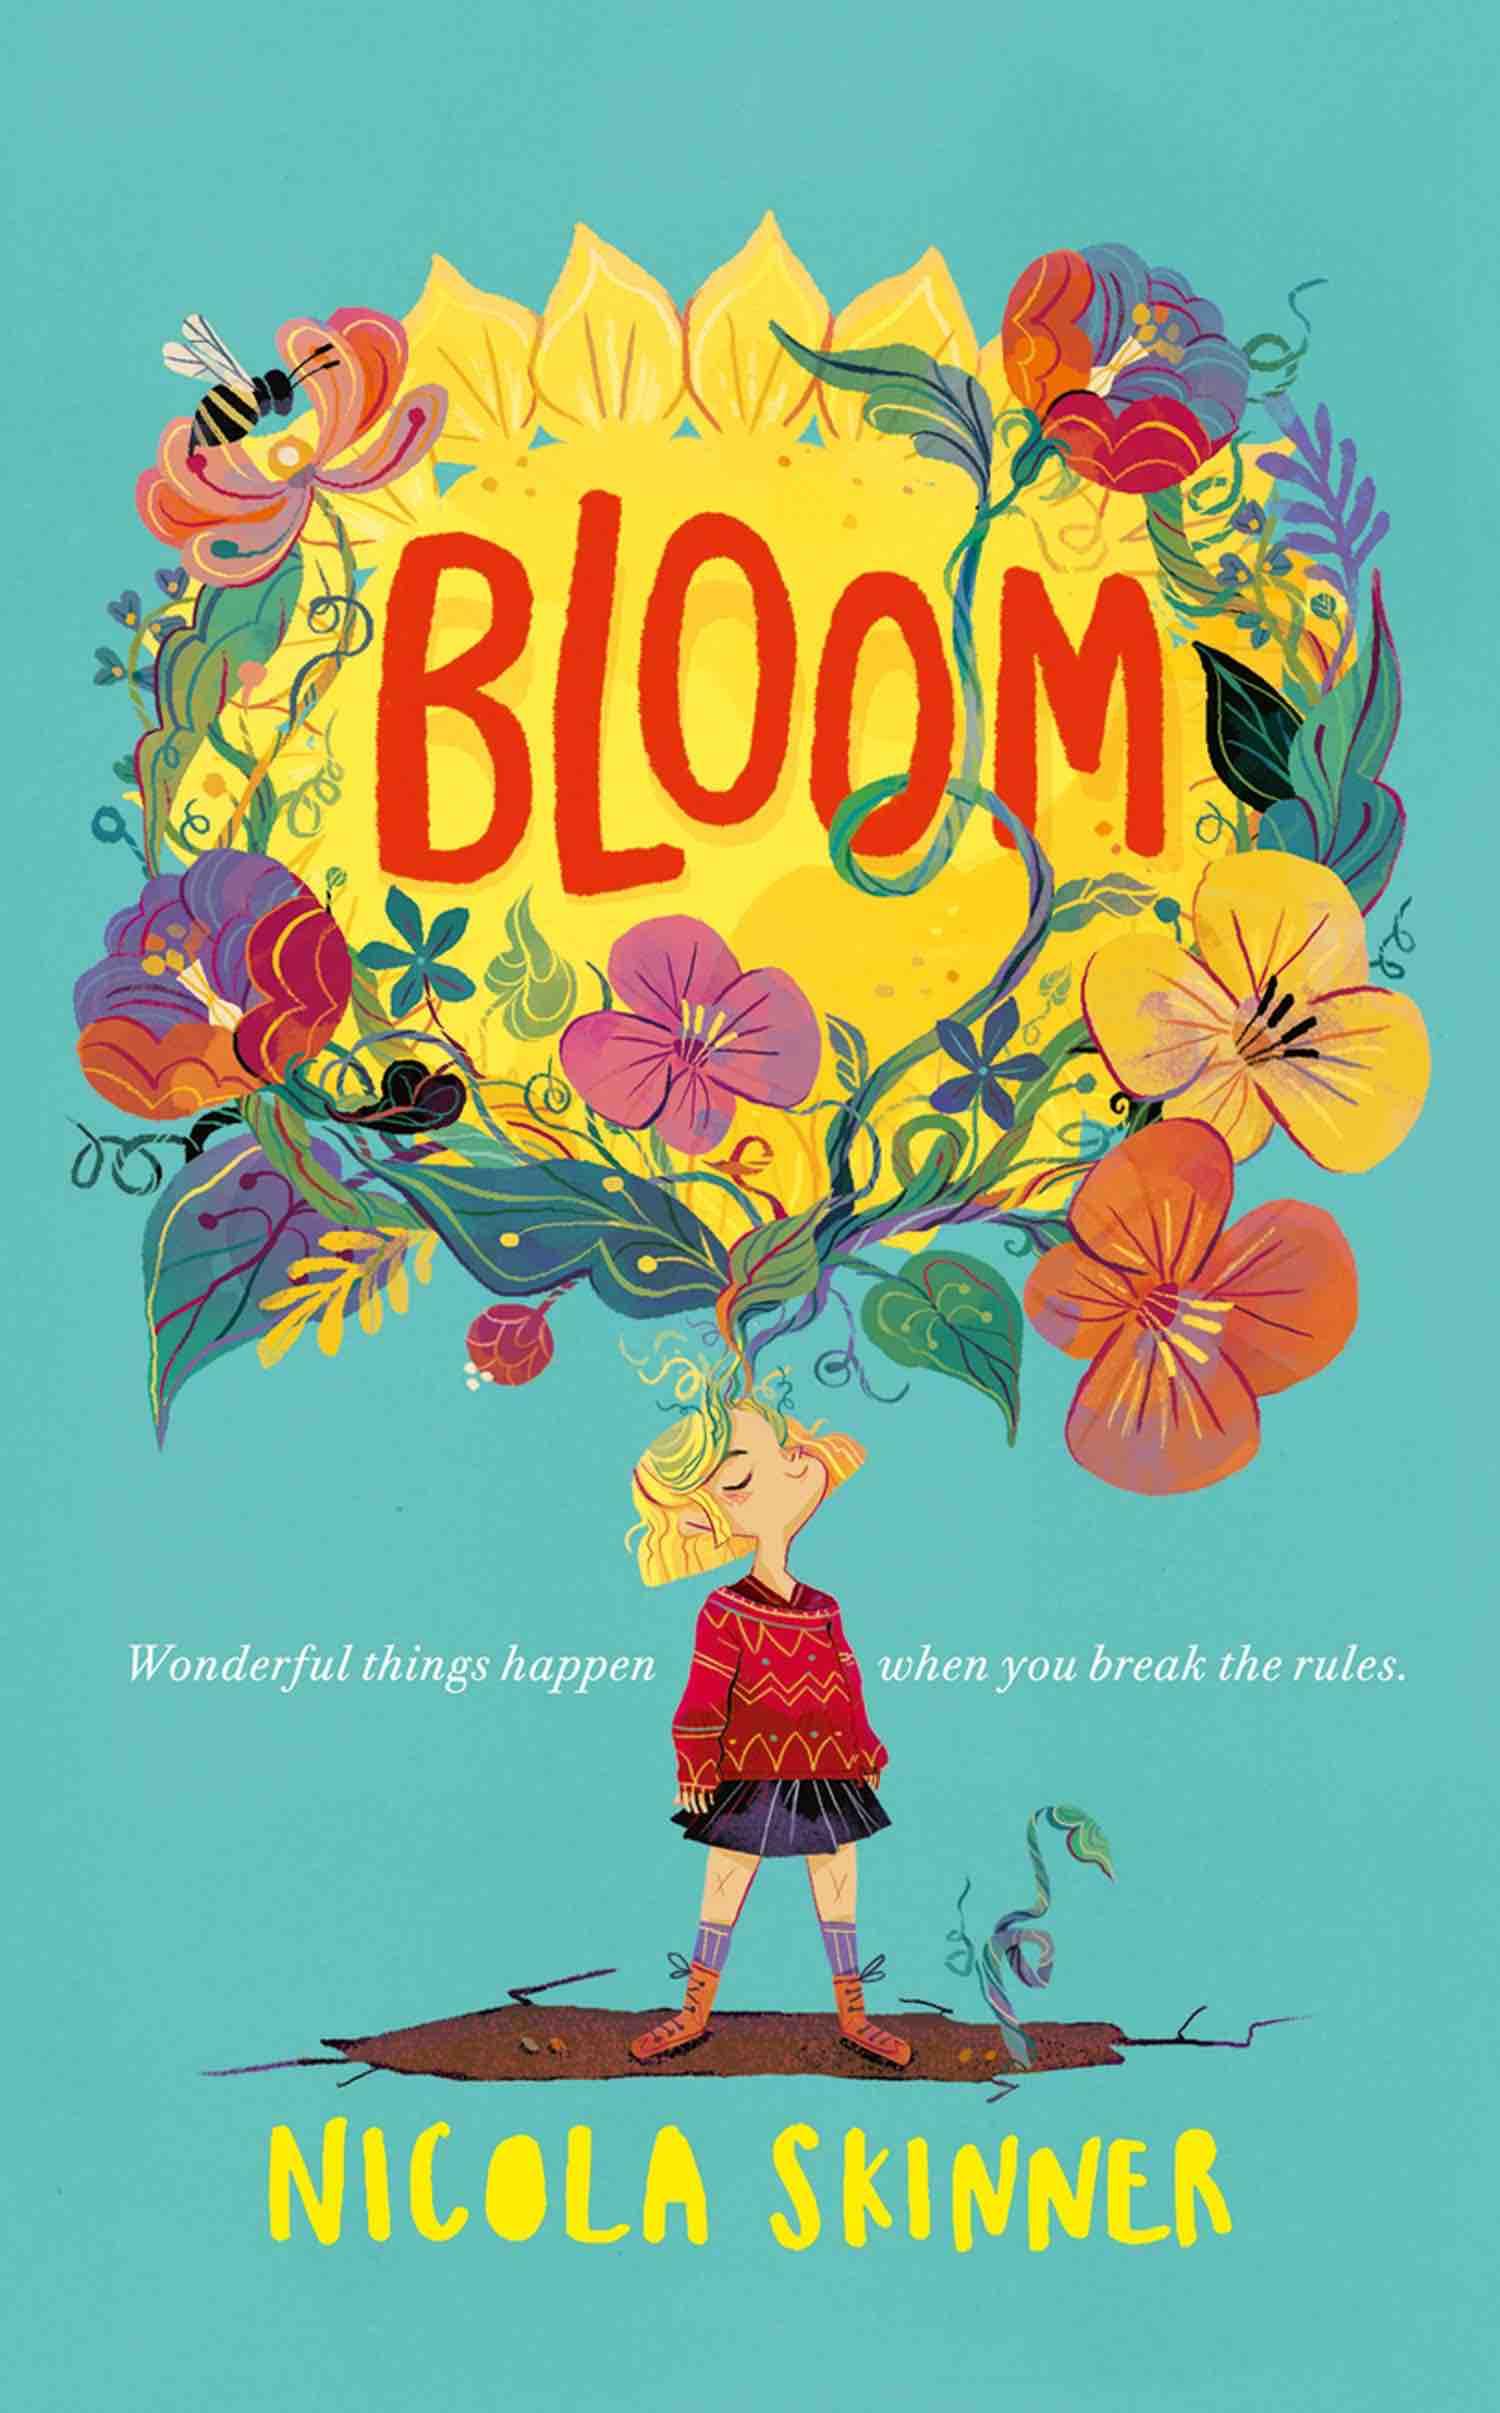 Bloom Skinner